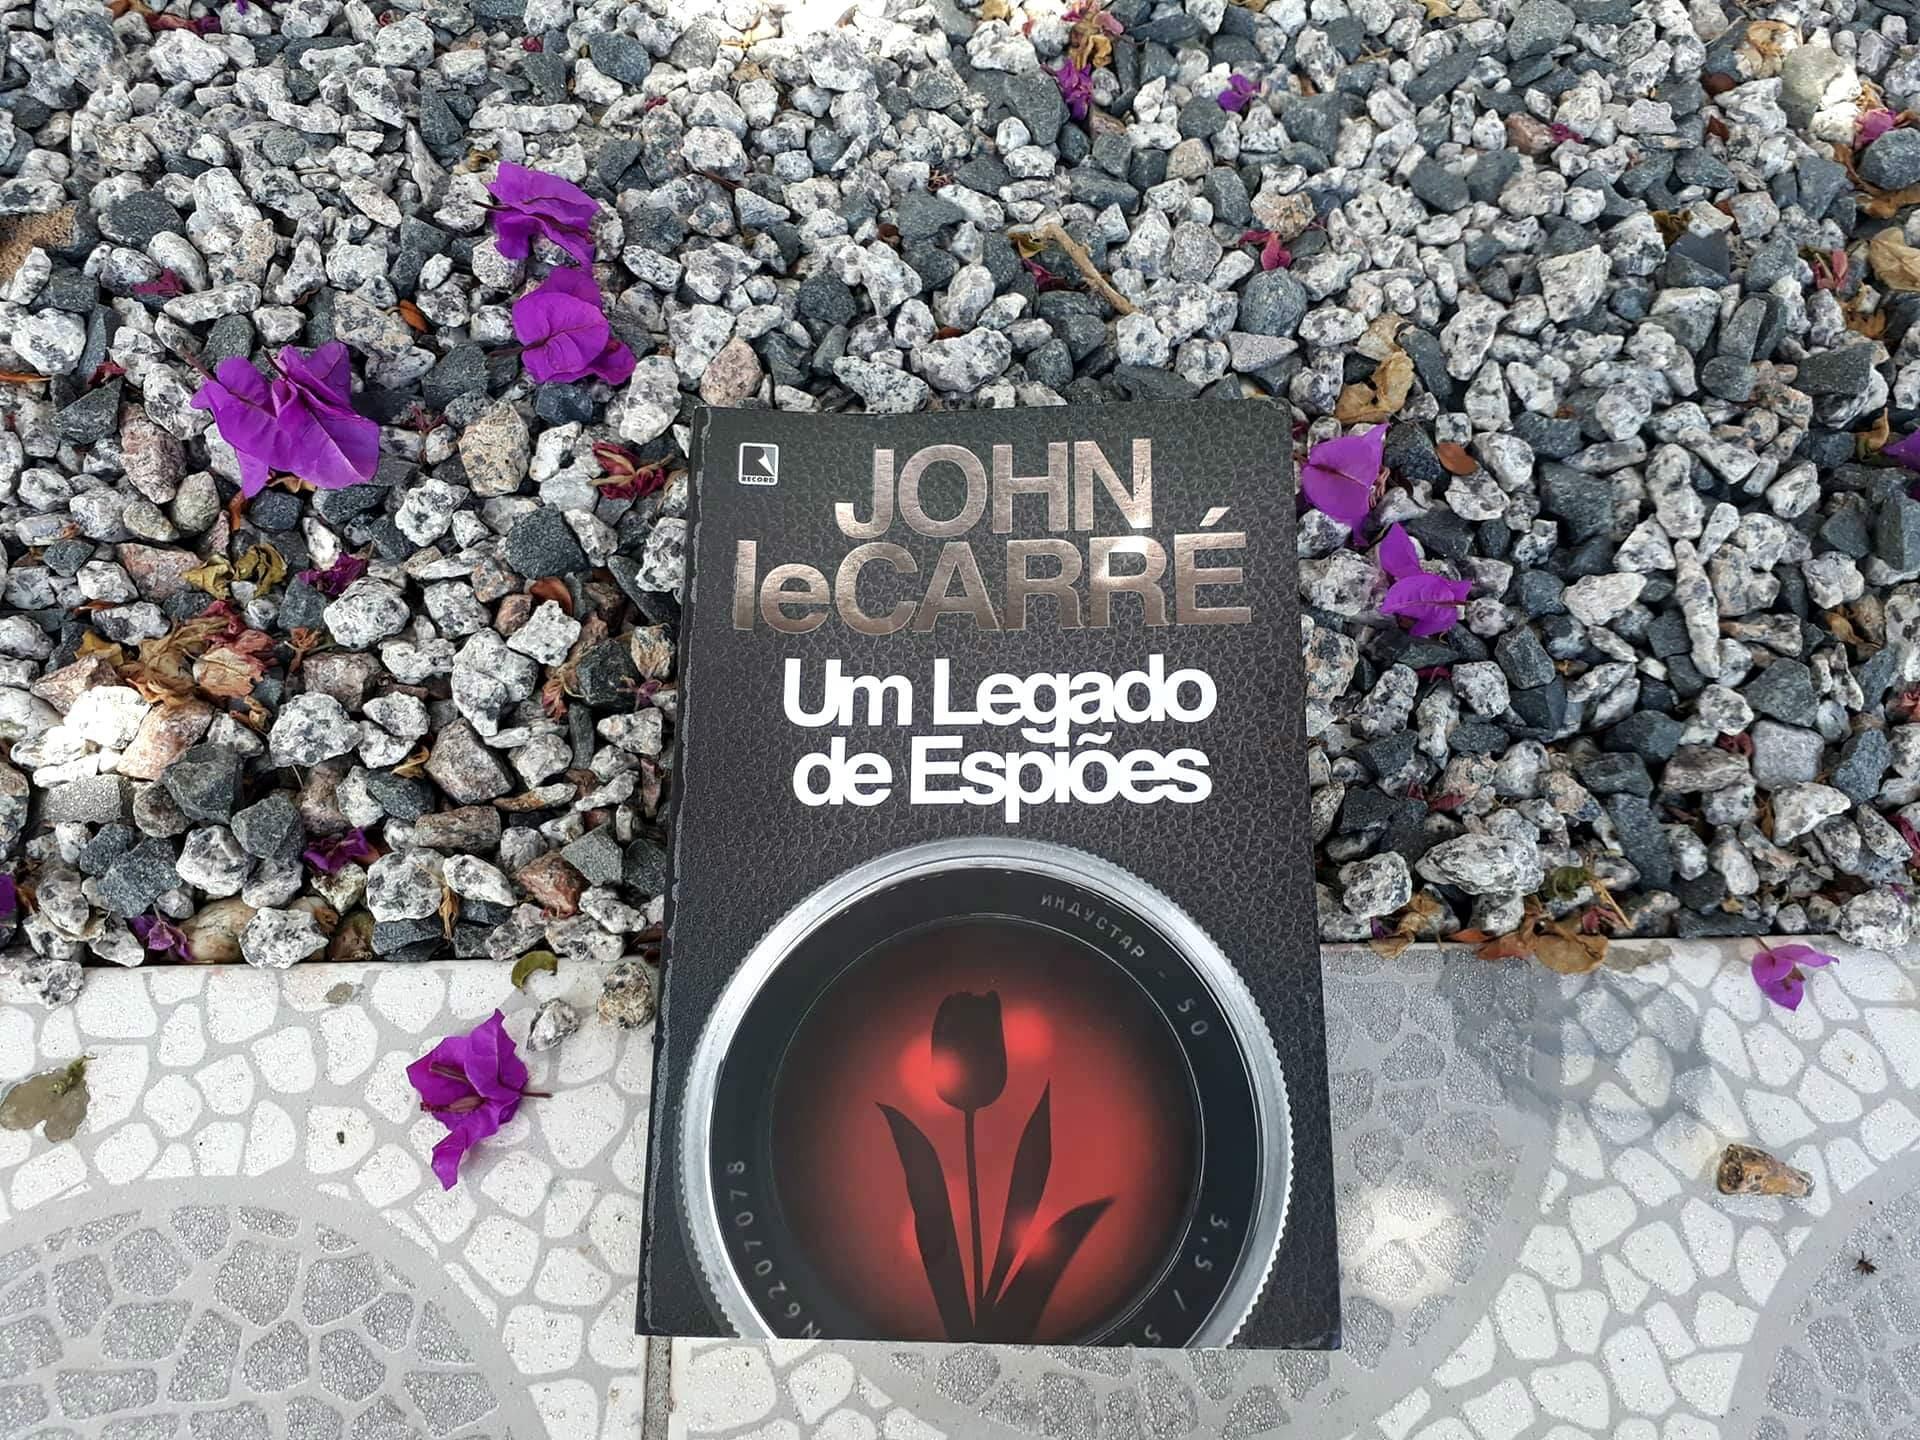 """Remorso e nostalgia marcam """"Um legado de espiões"""", de Le Carré"""